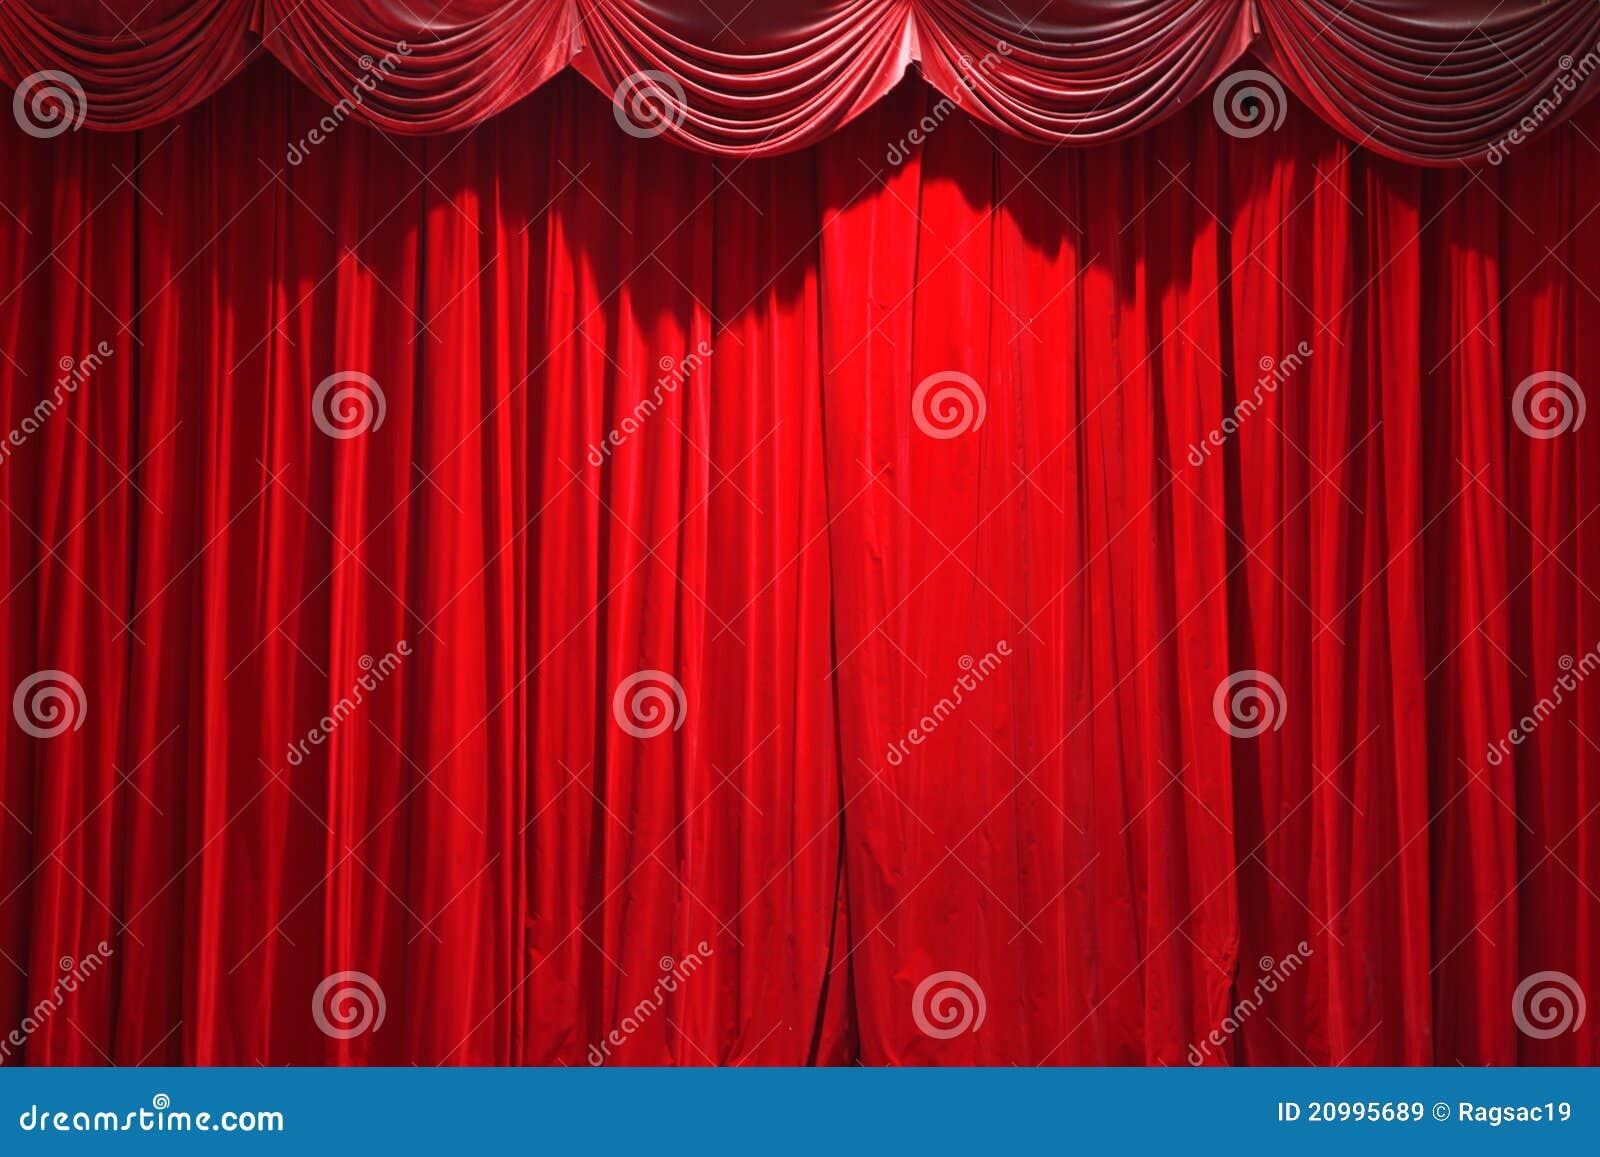 Cortina de un teatro clásico